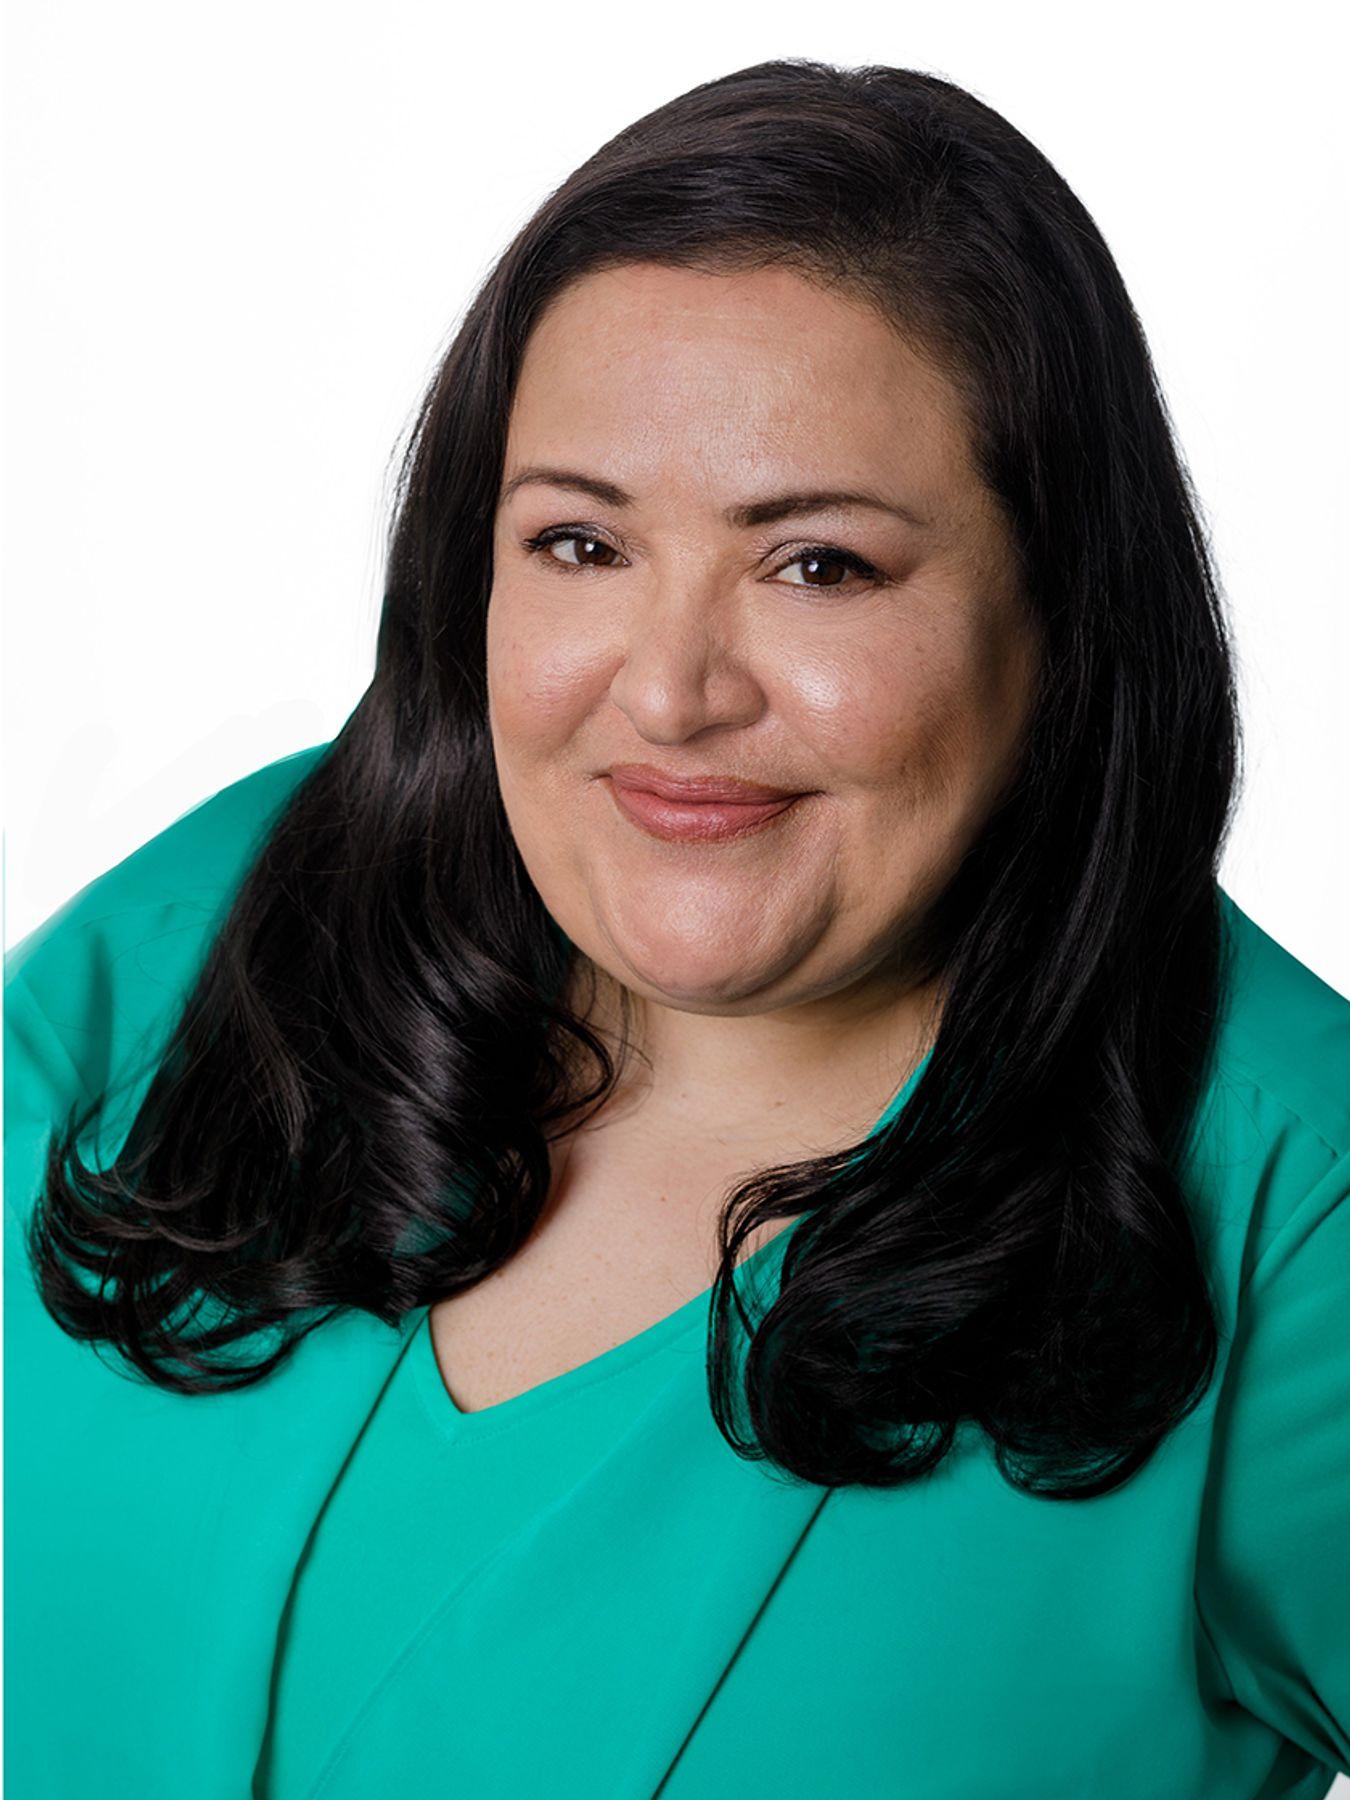 Michelle Benzor